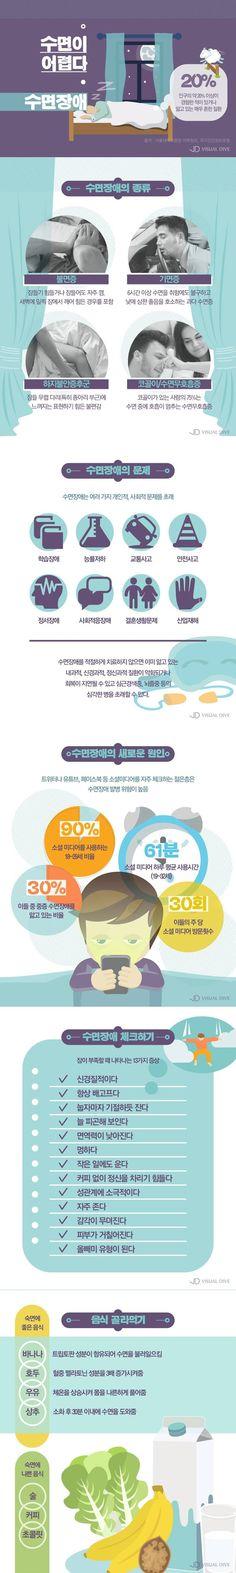 밤이 고통스러운 수면장애… 그 원인은 뭘까? [인포그래픽] #Sleeping / #infograhpic ⓒ 비주얼다이브 무단 복사·전재·재배포 금지